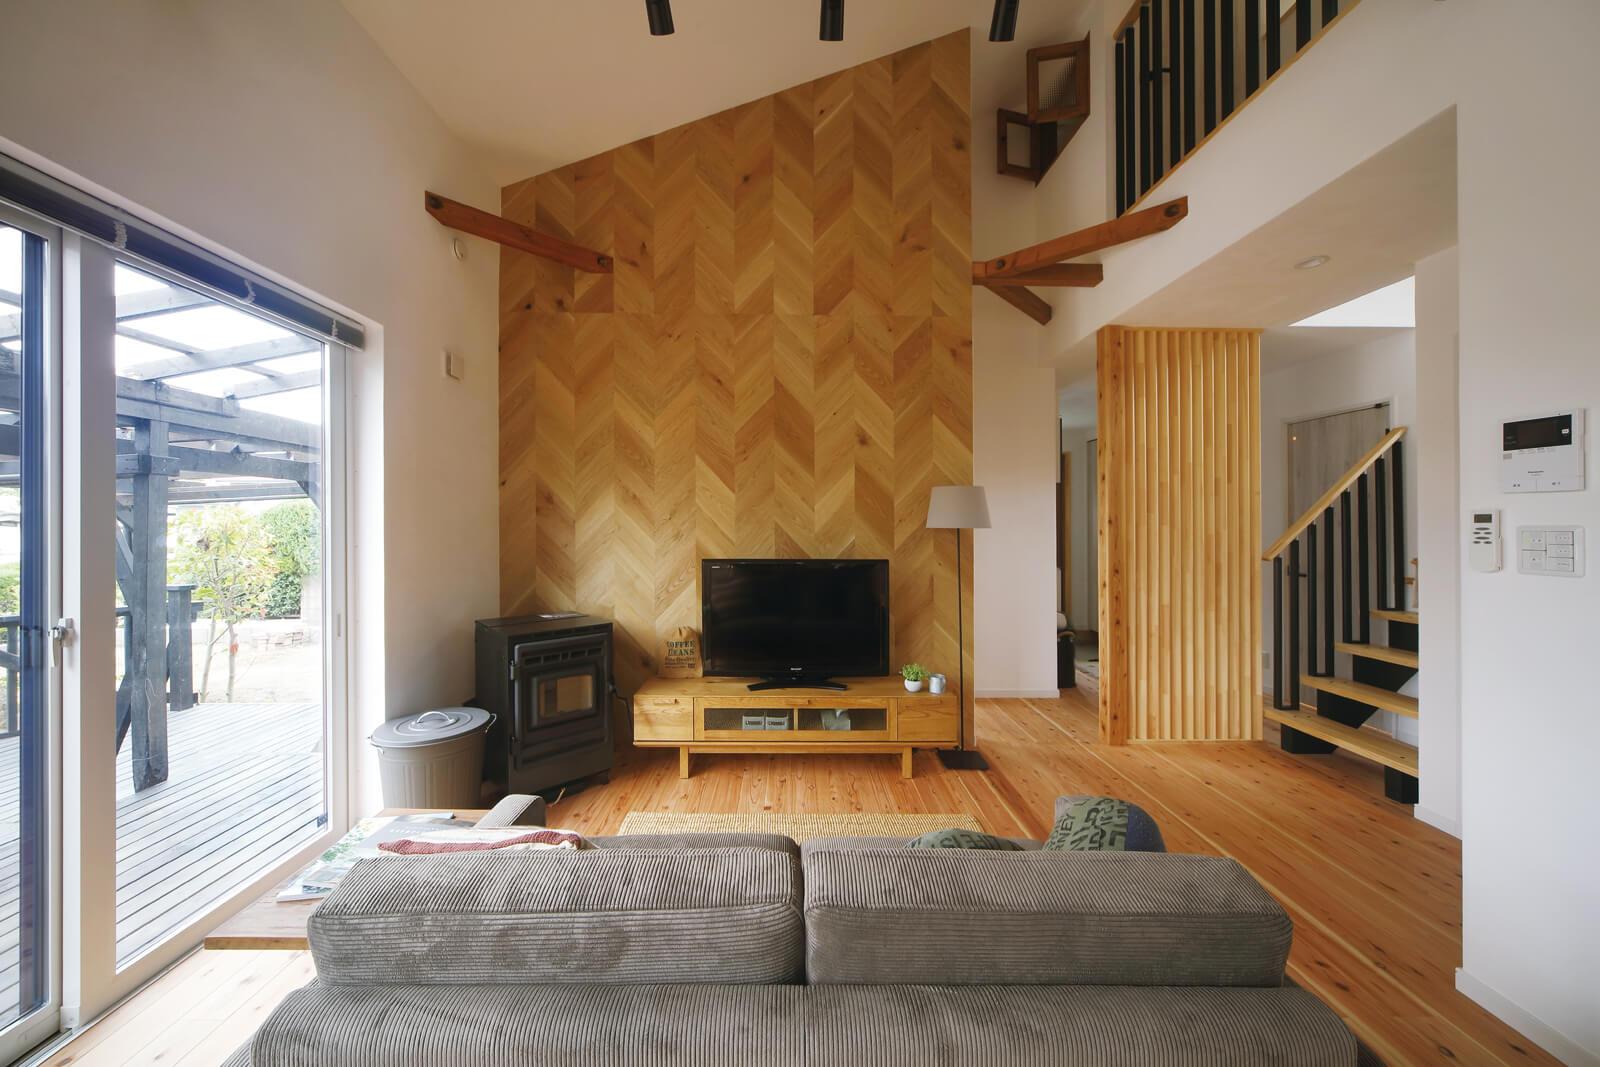 勾配天井が印象的なリビング。奥の壁にはラスティックな趣漂うヘリンボーン柄のリアルパネルを施工した